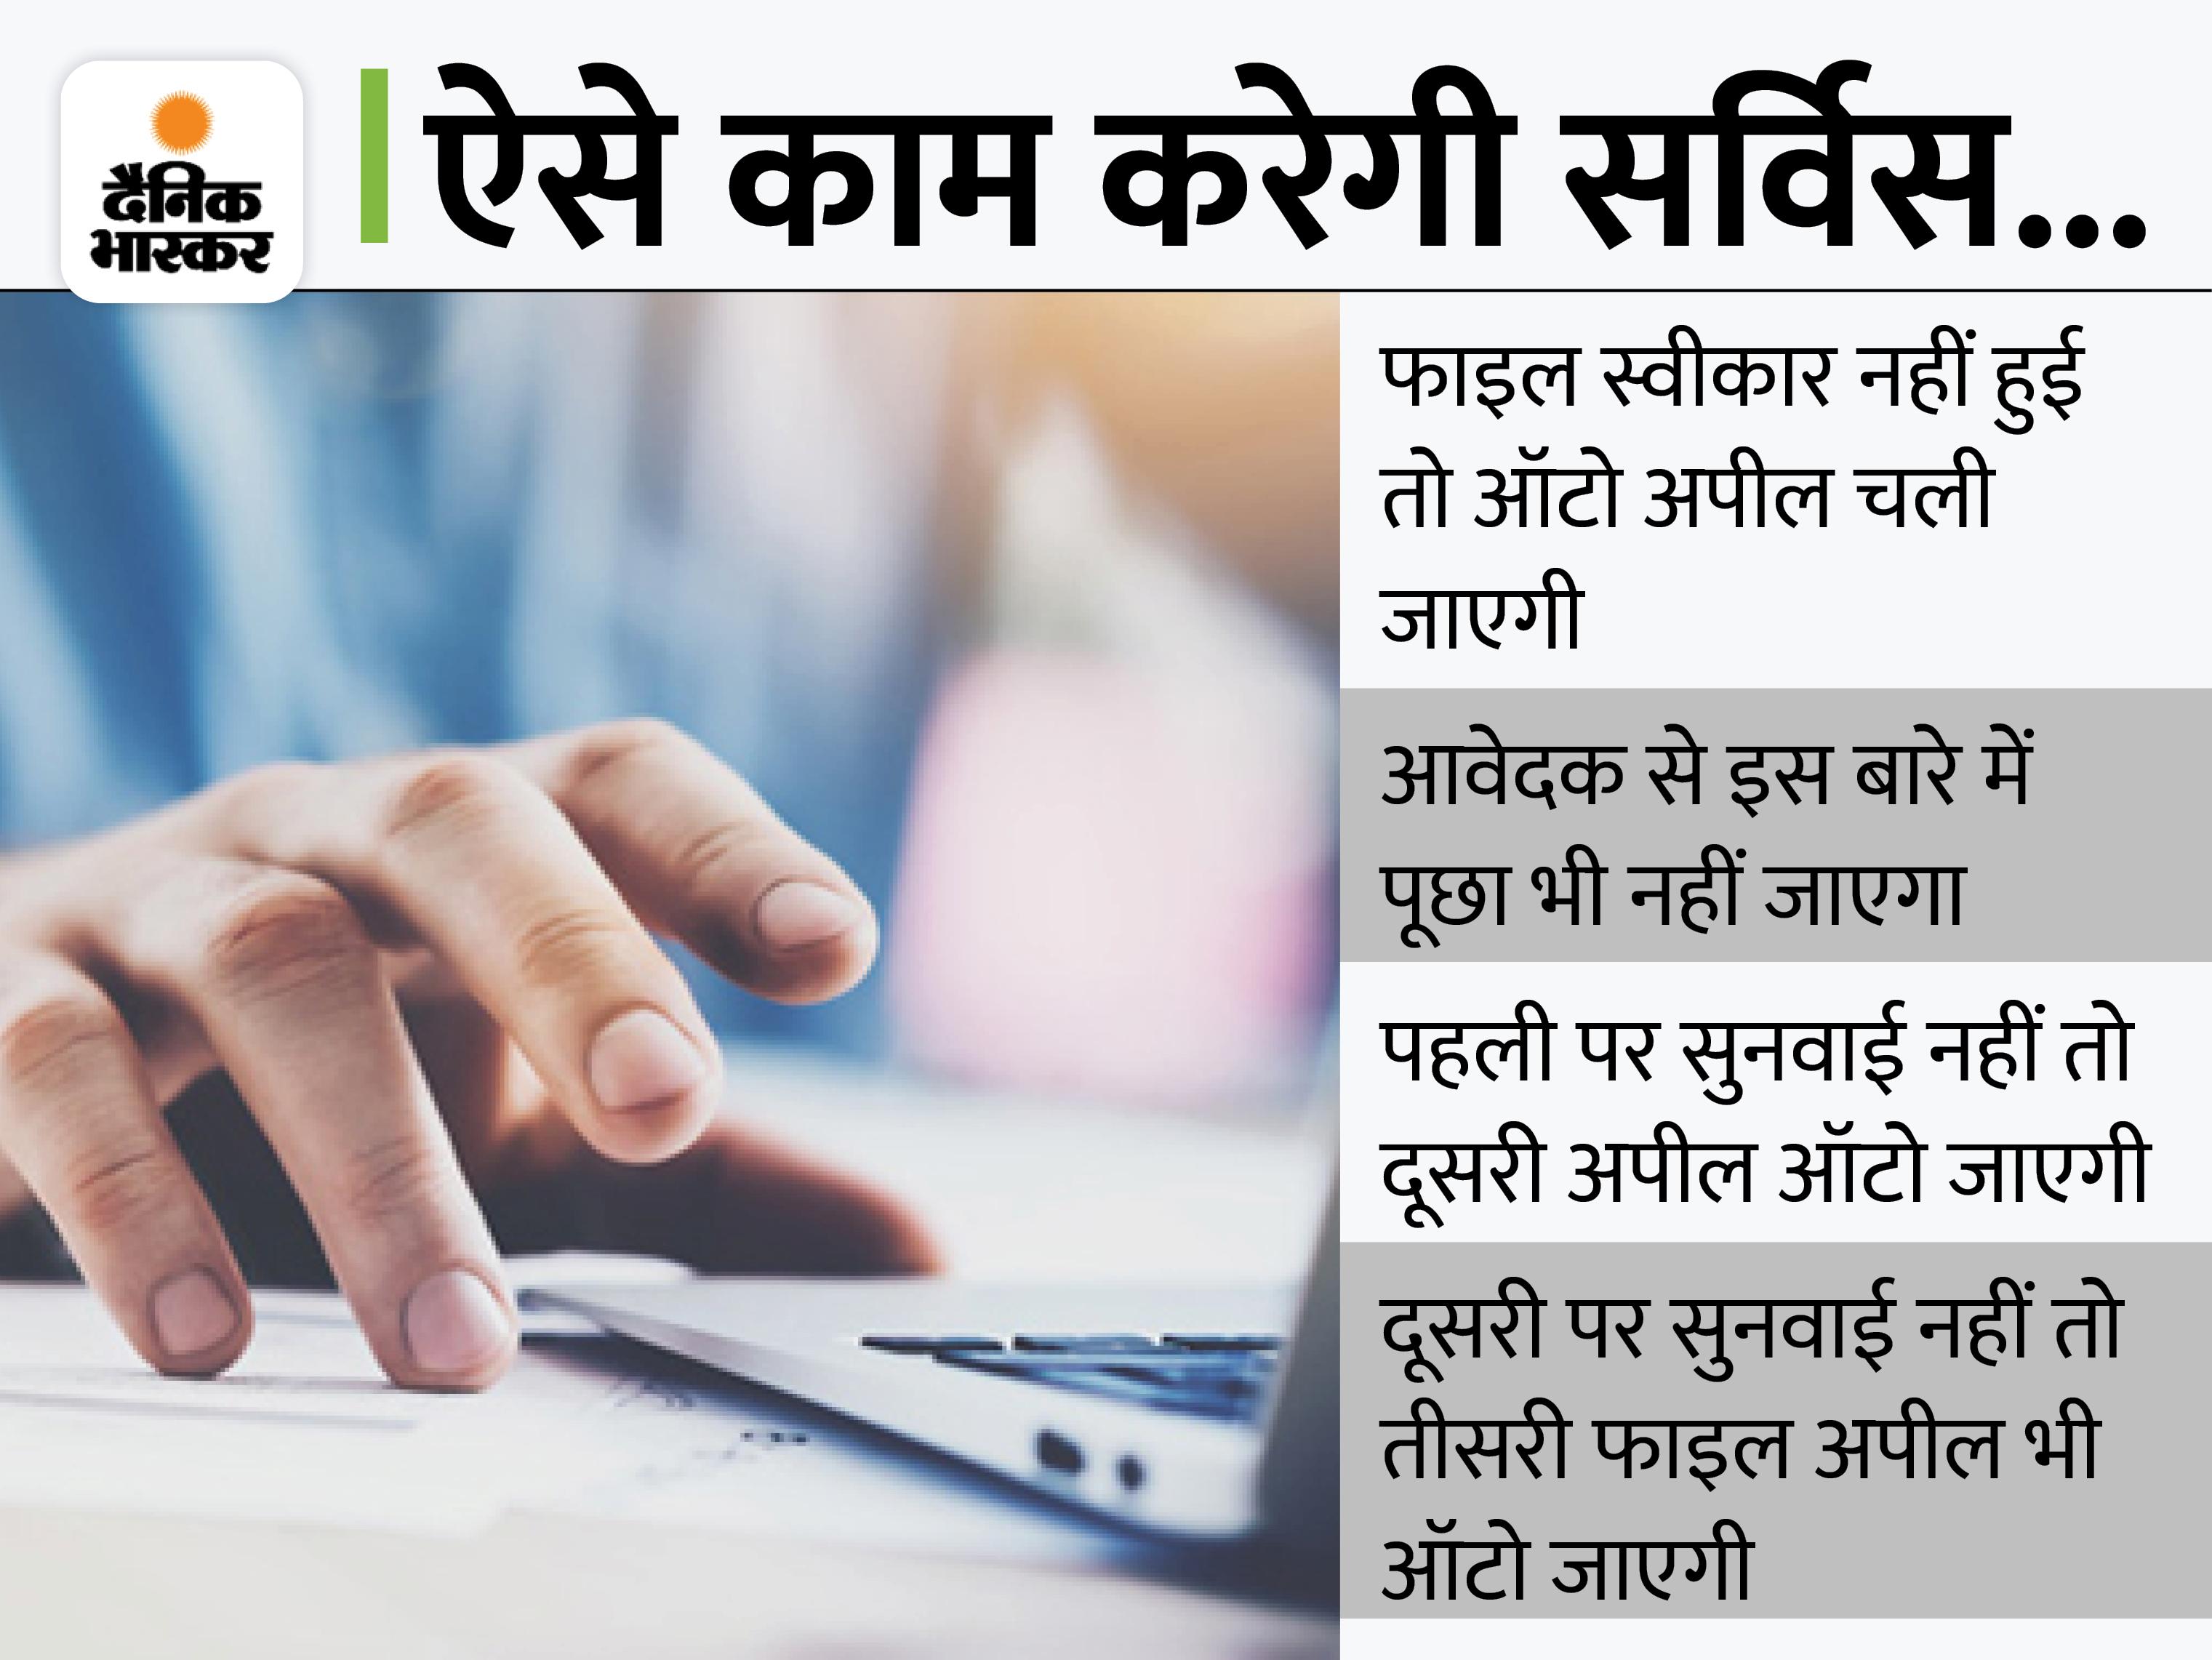 22 विभागों की 465 सेवाओं पर AAS शुरू; निर्धारित समय में फाइल पर एक्शन नहीं तो ऑटो अपील में जाएगी, जुर्माना और कार्रवाई दोनों|करनाल,Karnal - Dainik Bhaskar